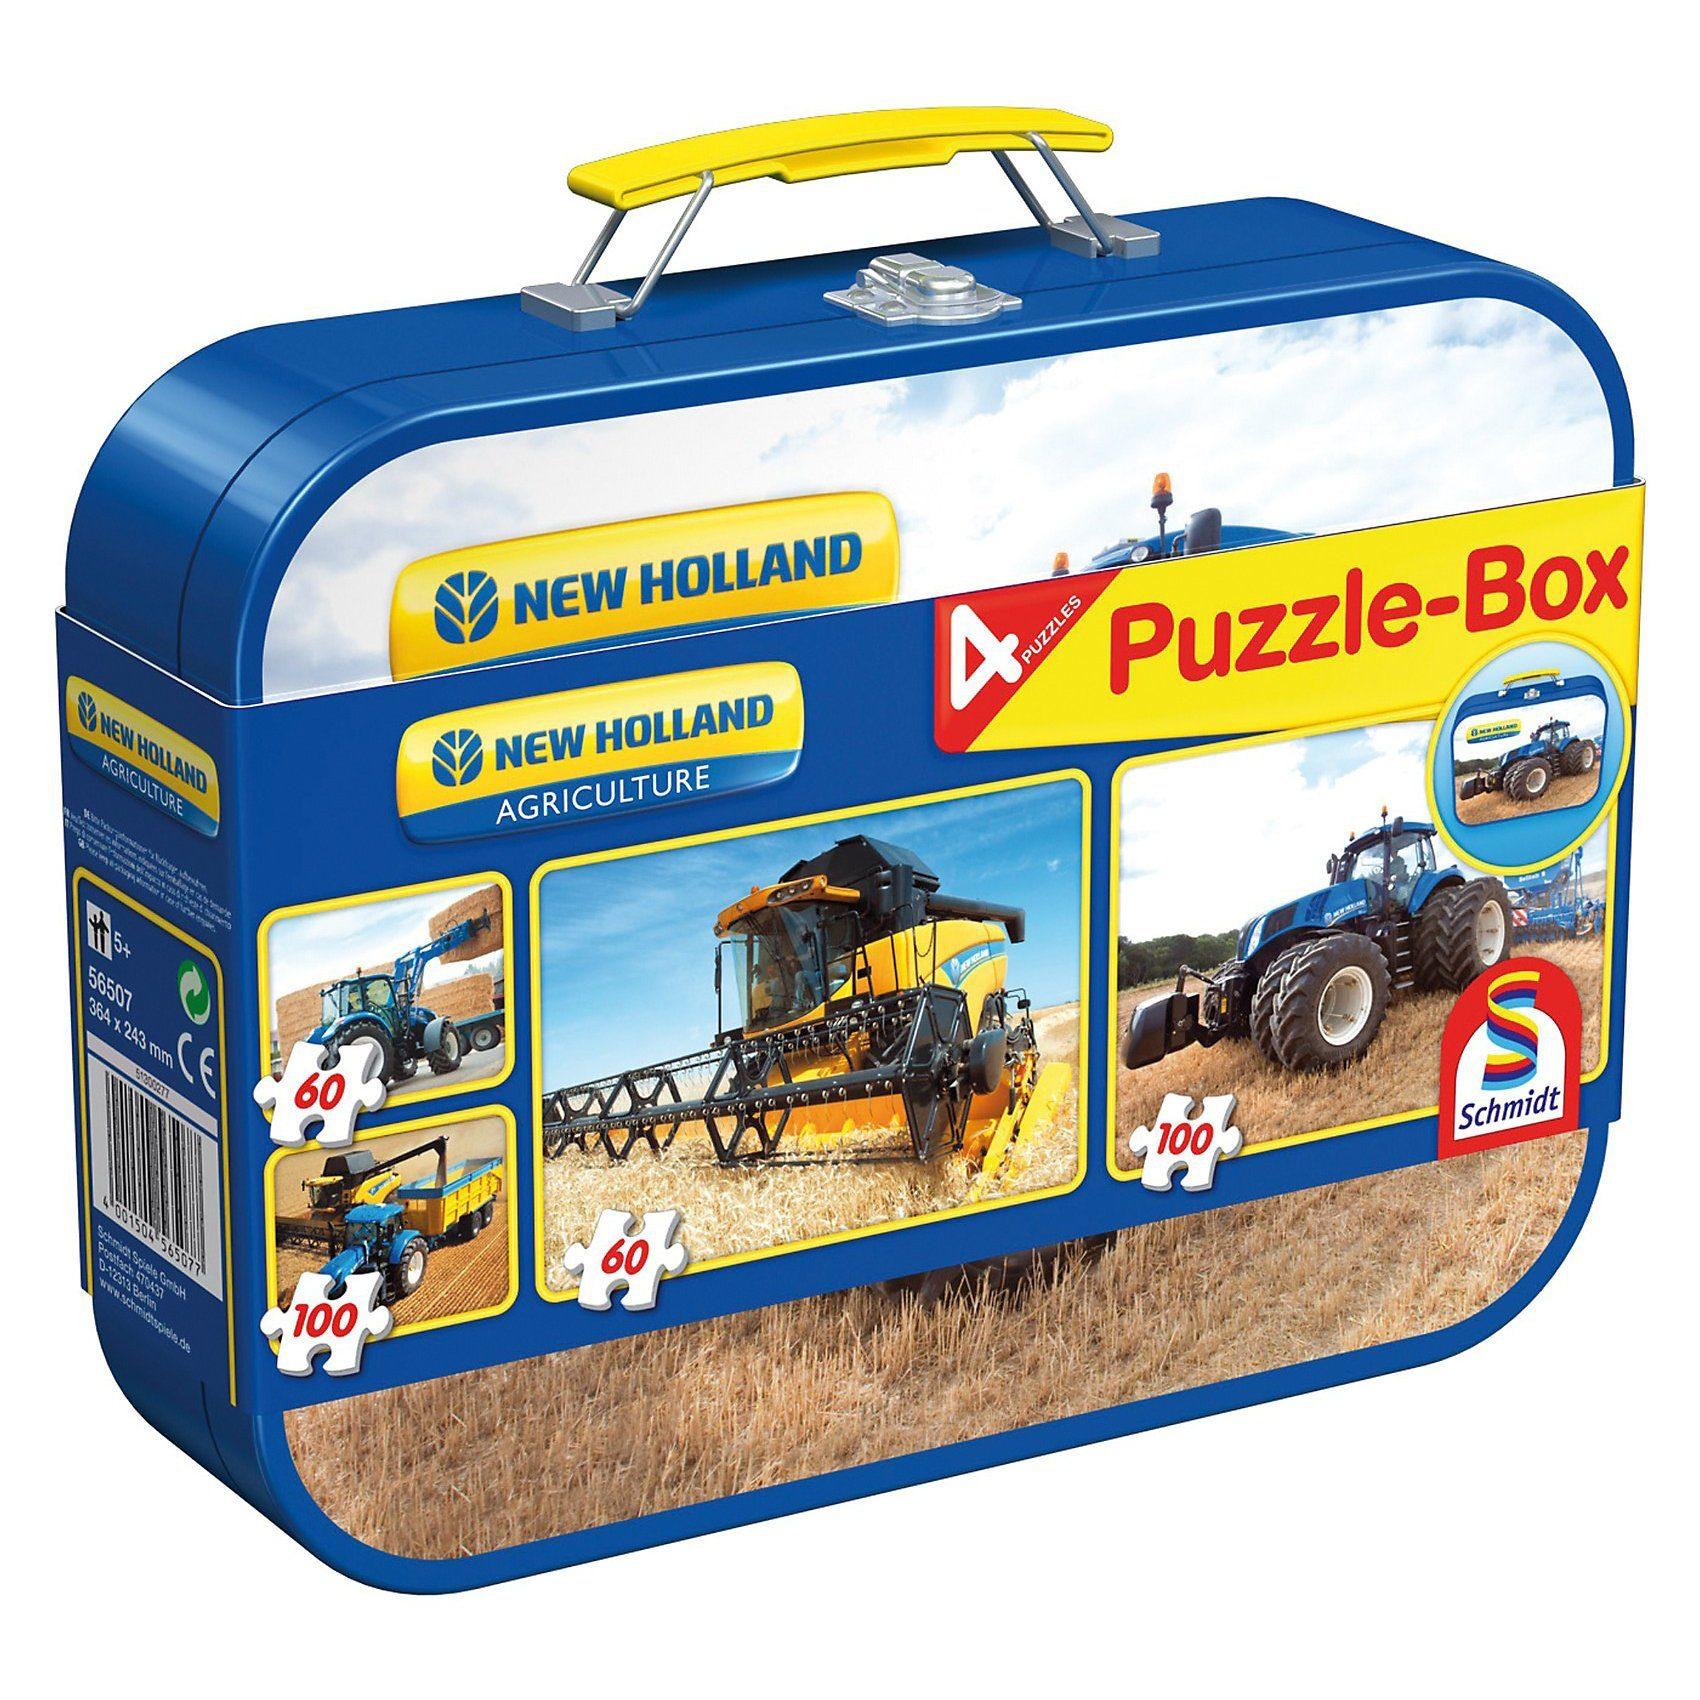 Schmidt Spiele New Holland, Puzzle-Box 2x60, 2x100 Teile im Metallkoffer